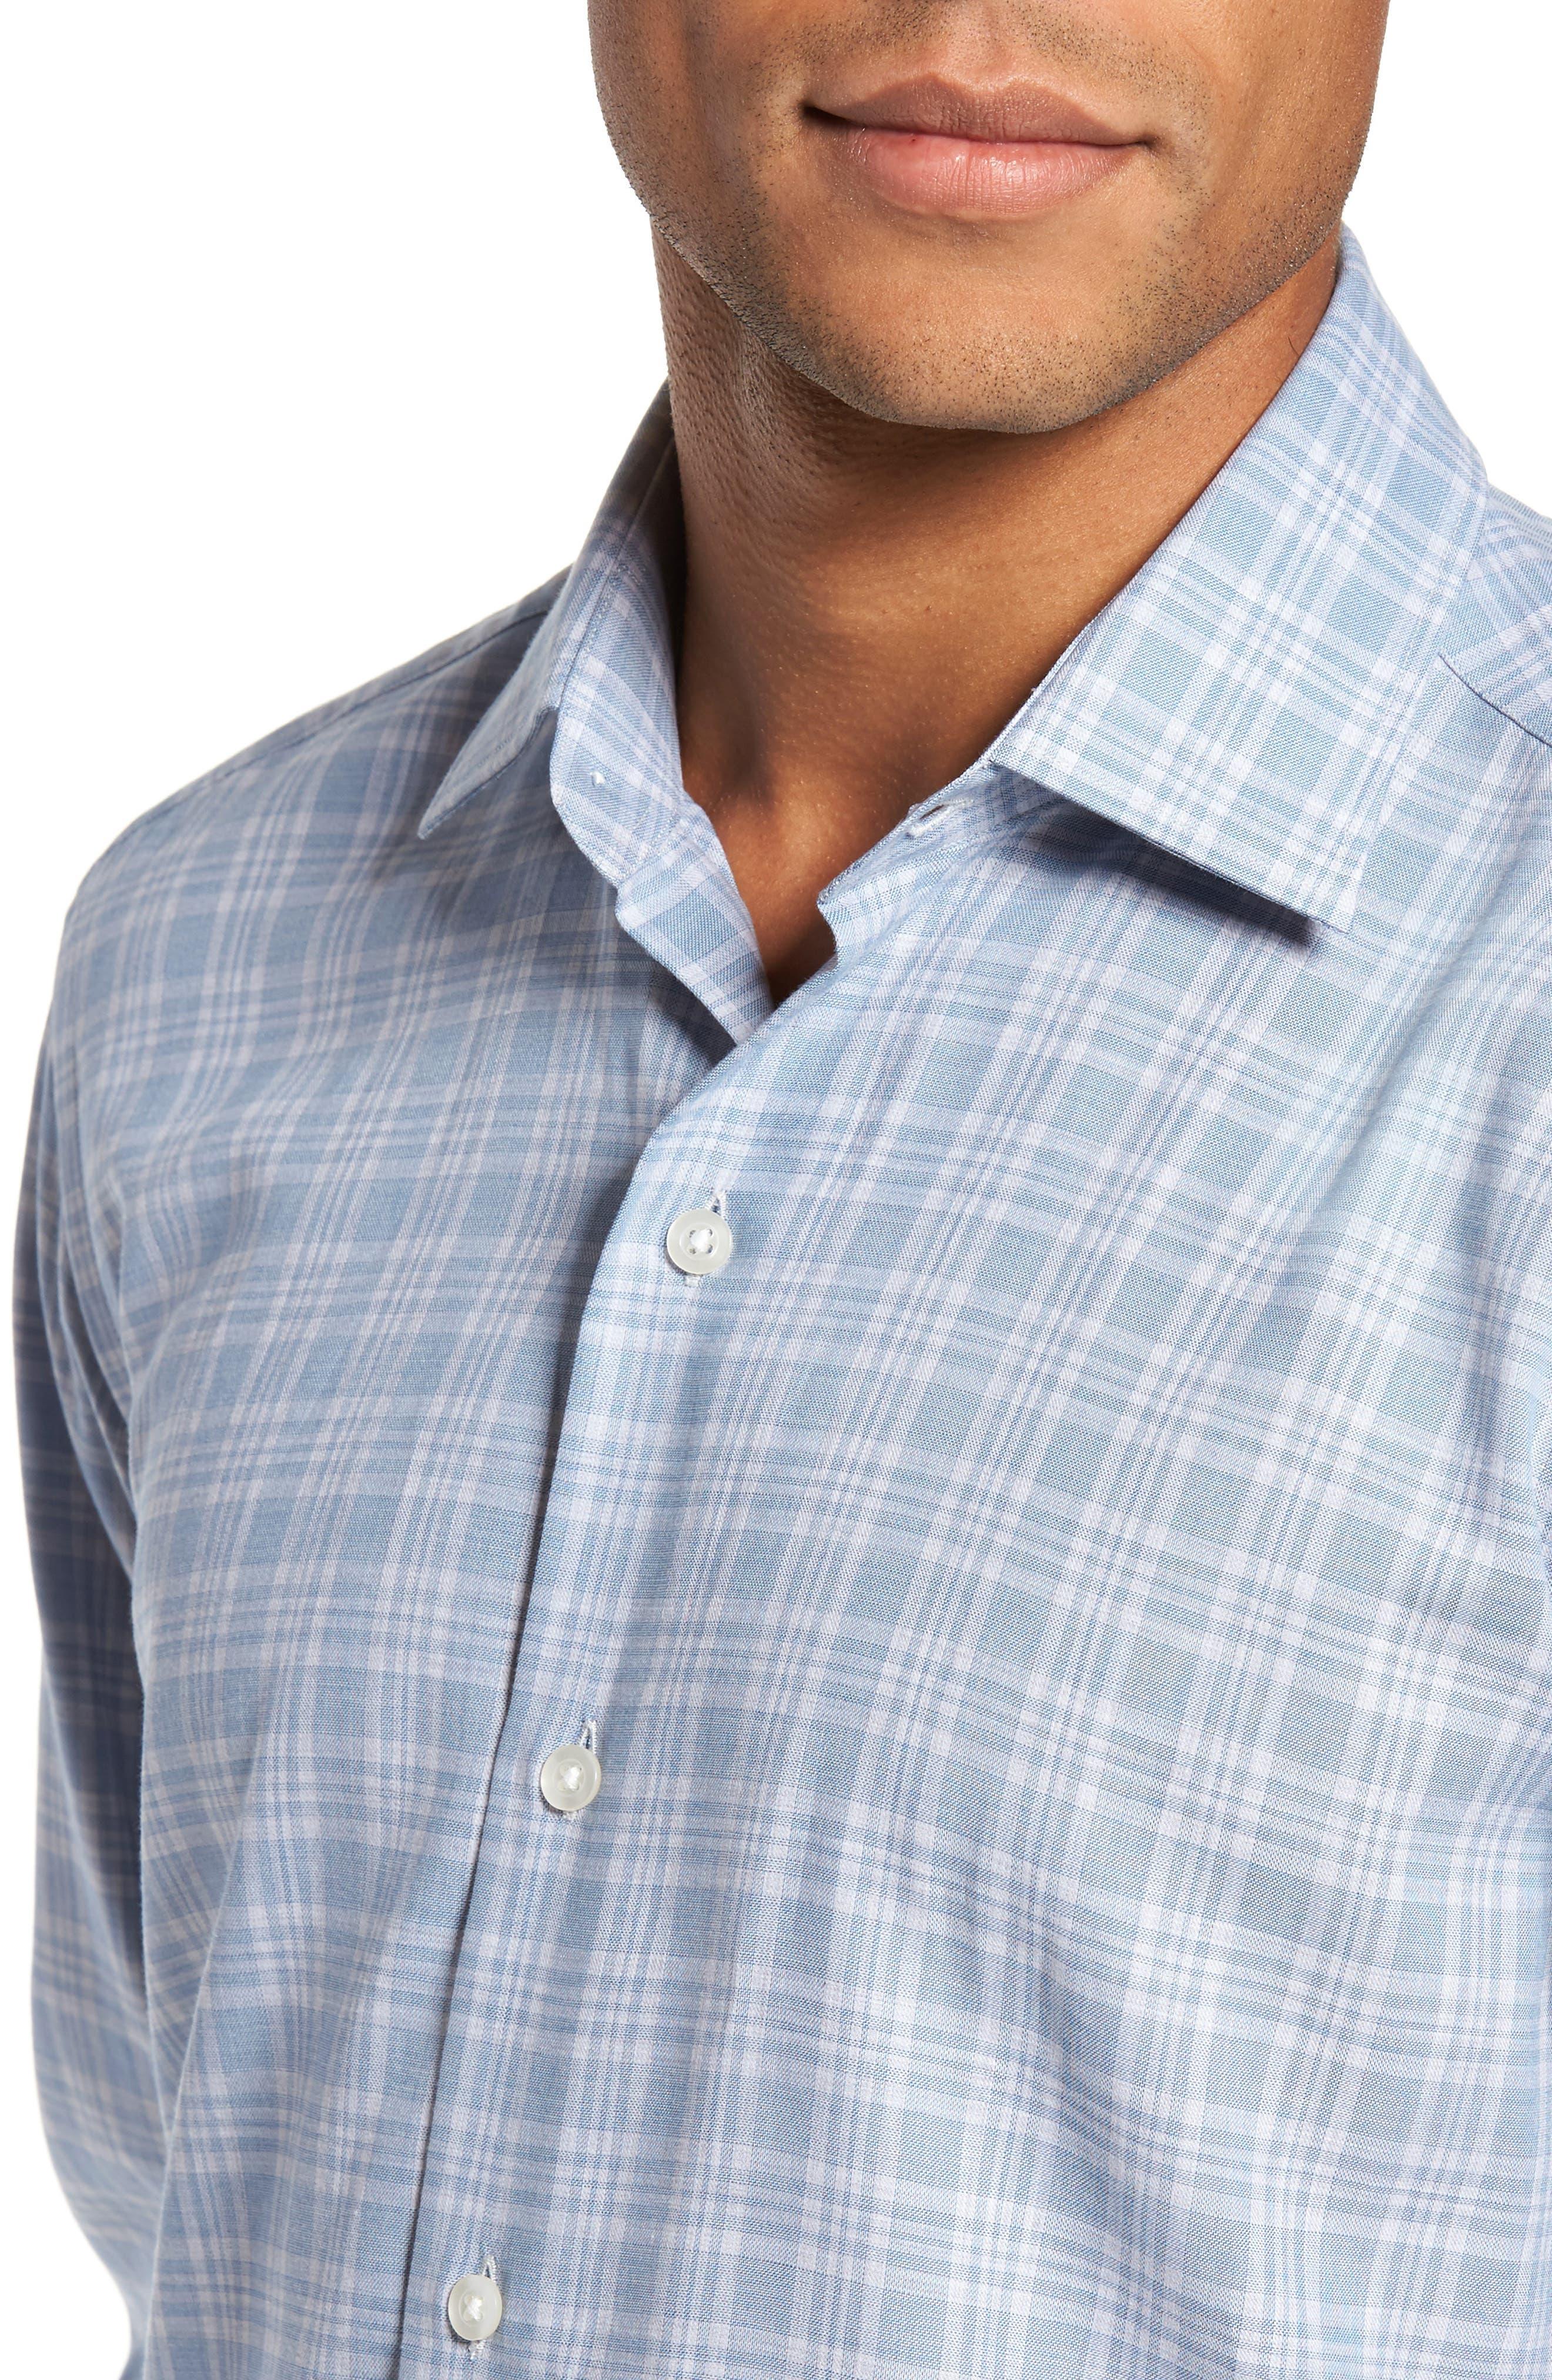 Trim Fit Check Sport Shirt,                             Alternate thumbnail 4, color,                             400